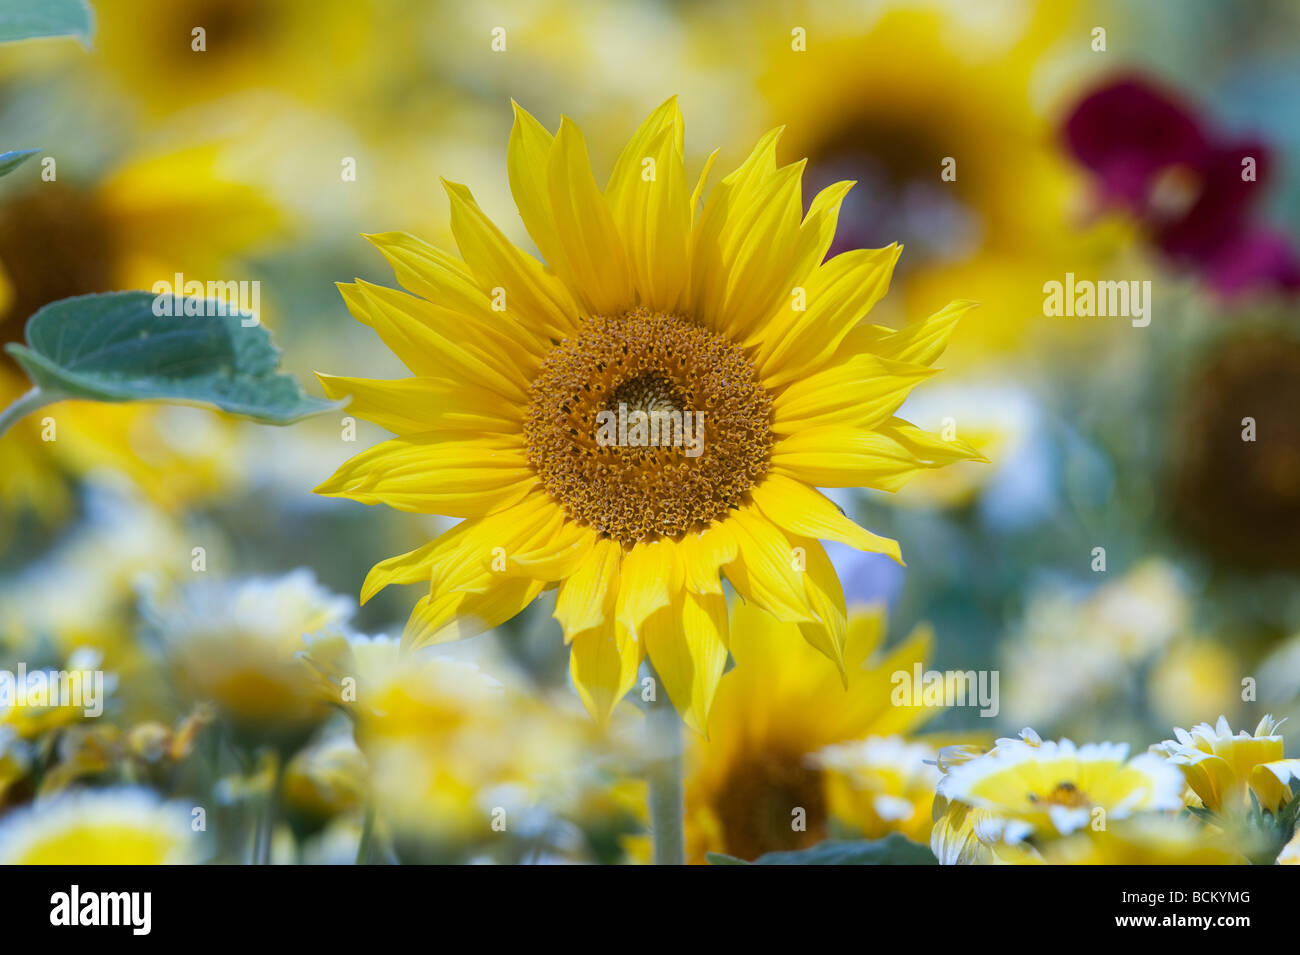 Sonnenblumen und Wildblumen in einen englischen Garten. England Stockbild